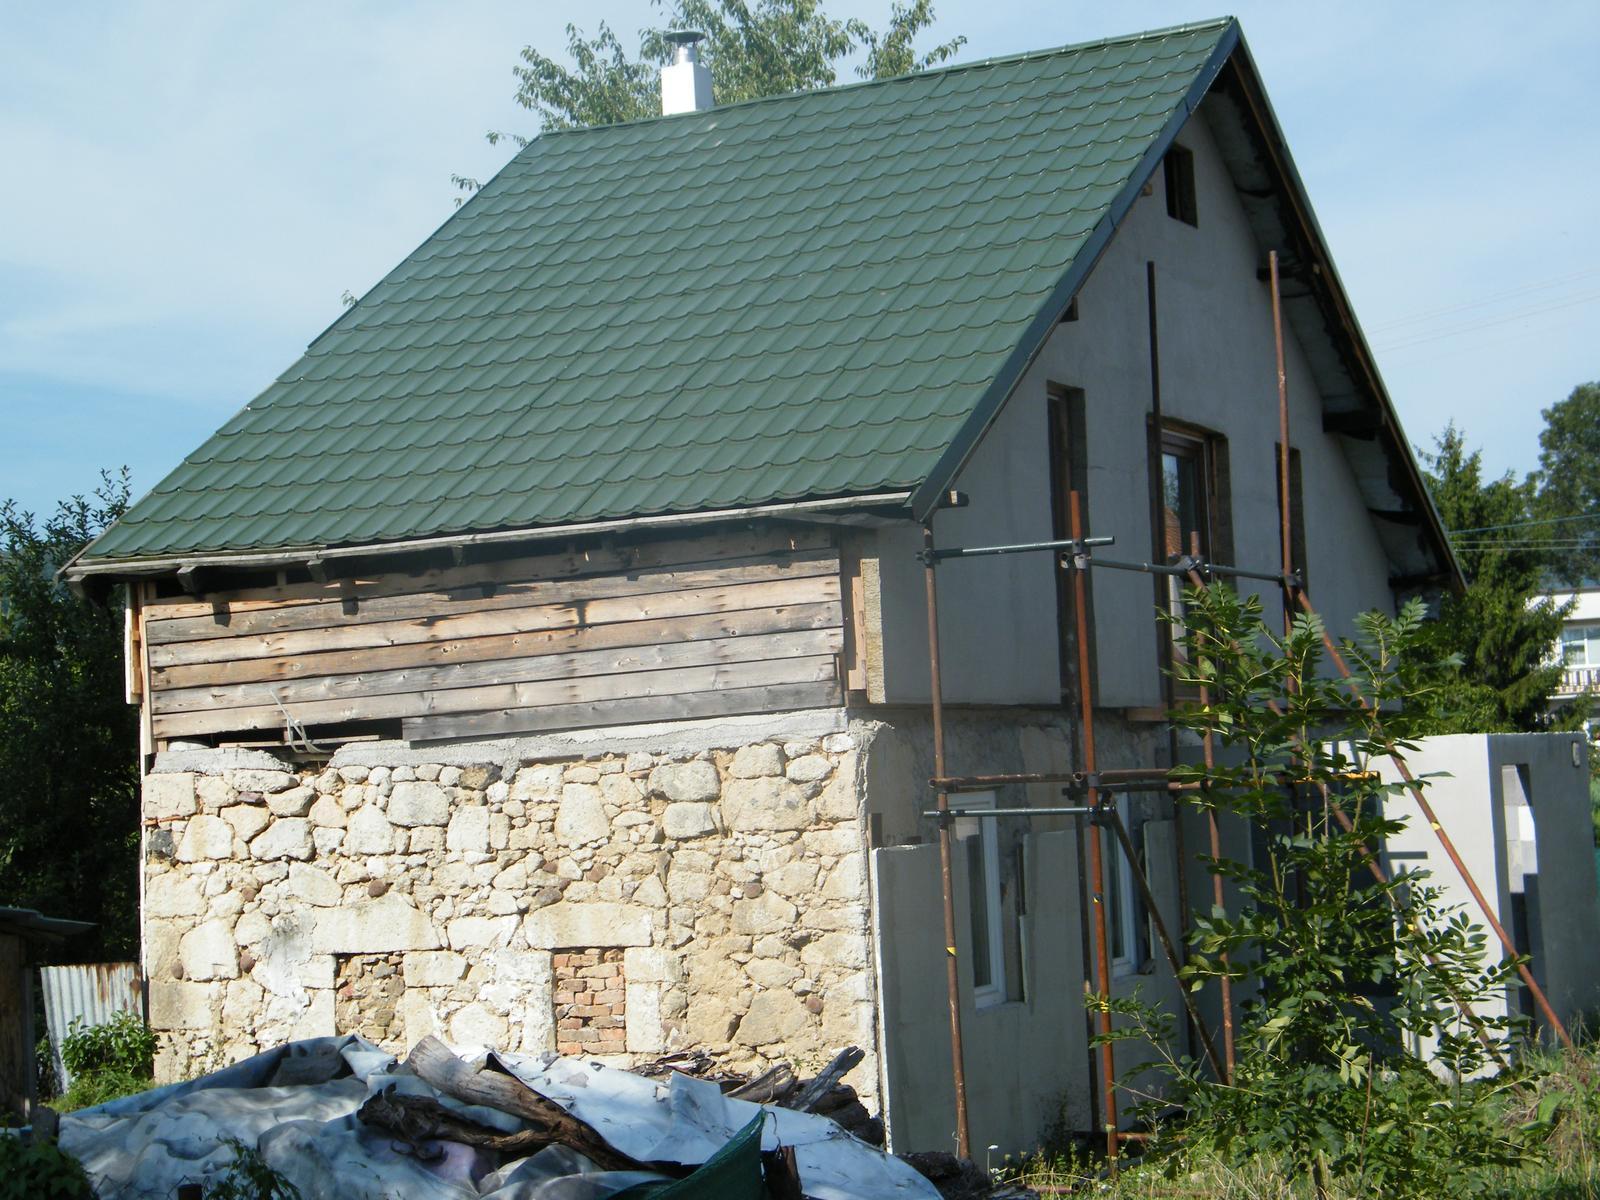 Aj takto sa rekonštruuje... - Pohľad na dom, kde vidno ako bol dom pôvodne stavaný. Spodok kameň, vrch drevená nadstavba.